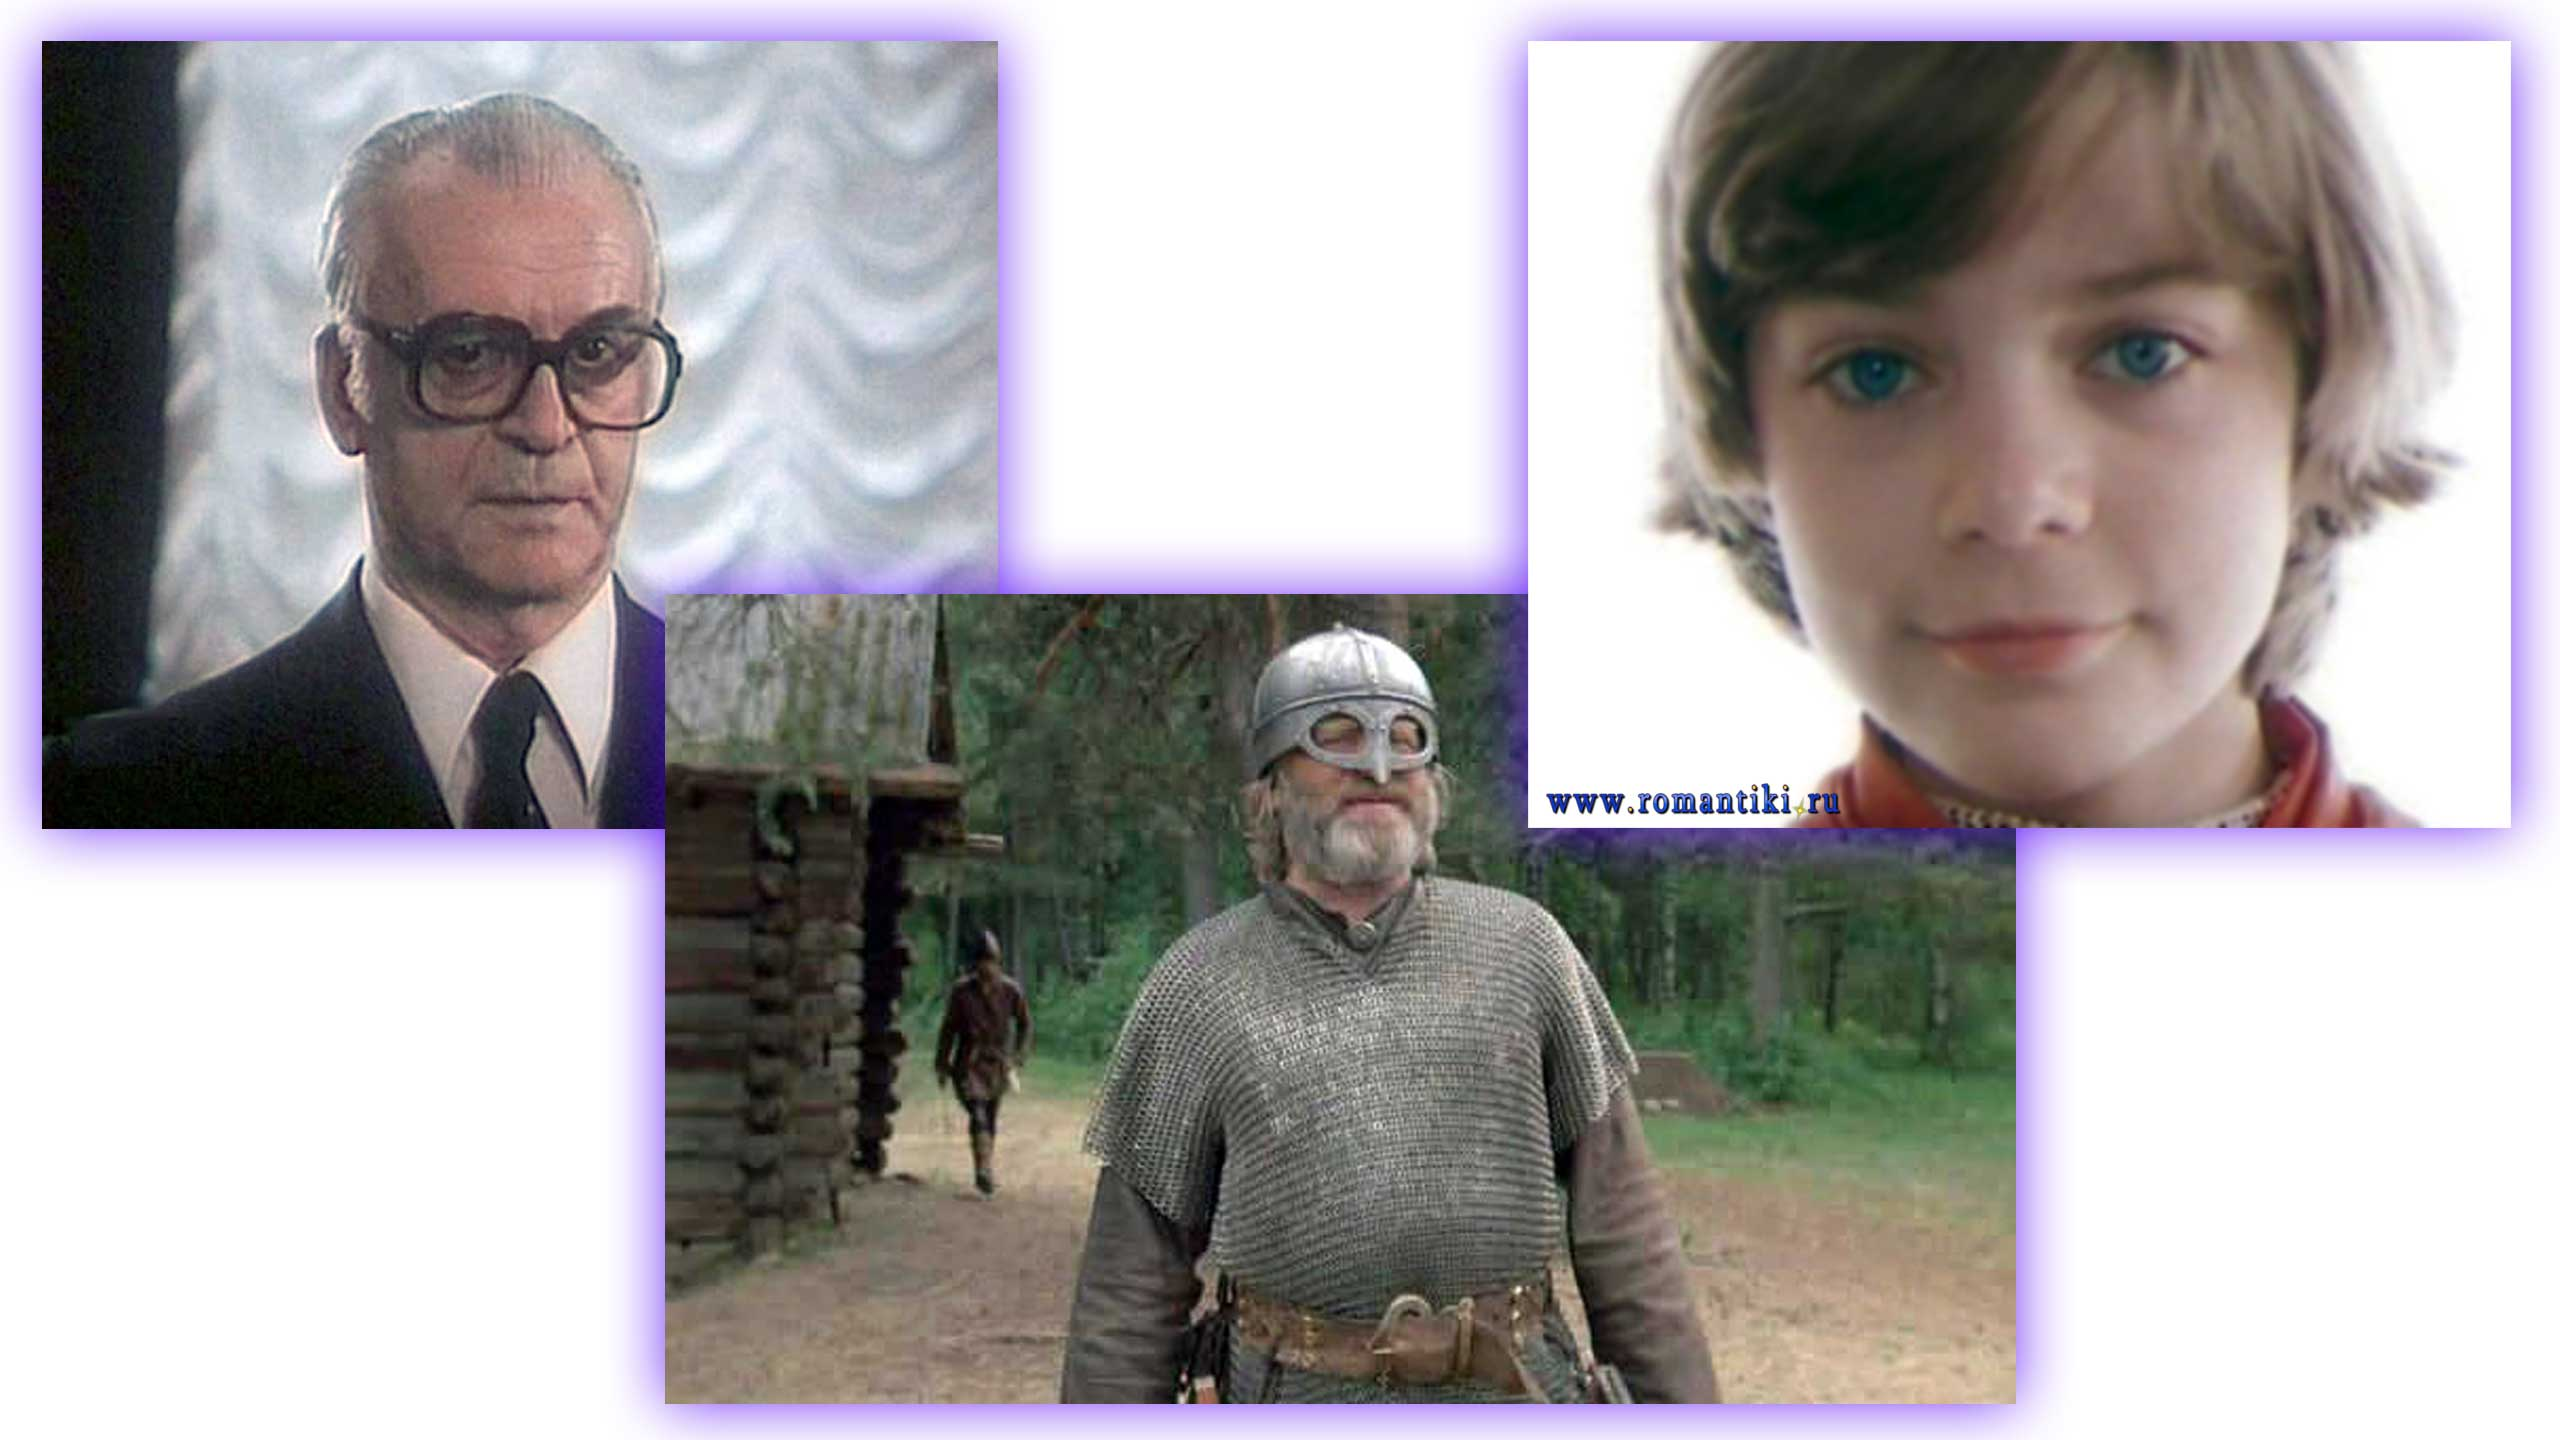 Что общего между этими фильмами? Их снимали параллельно!